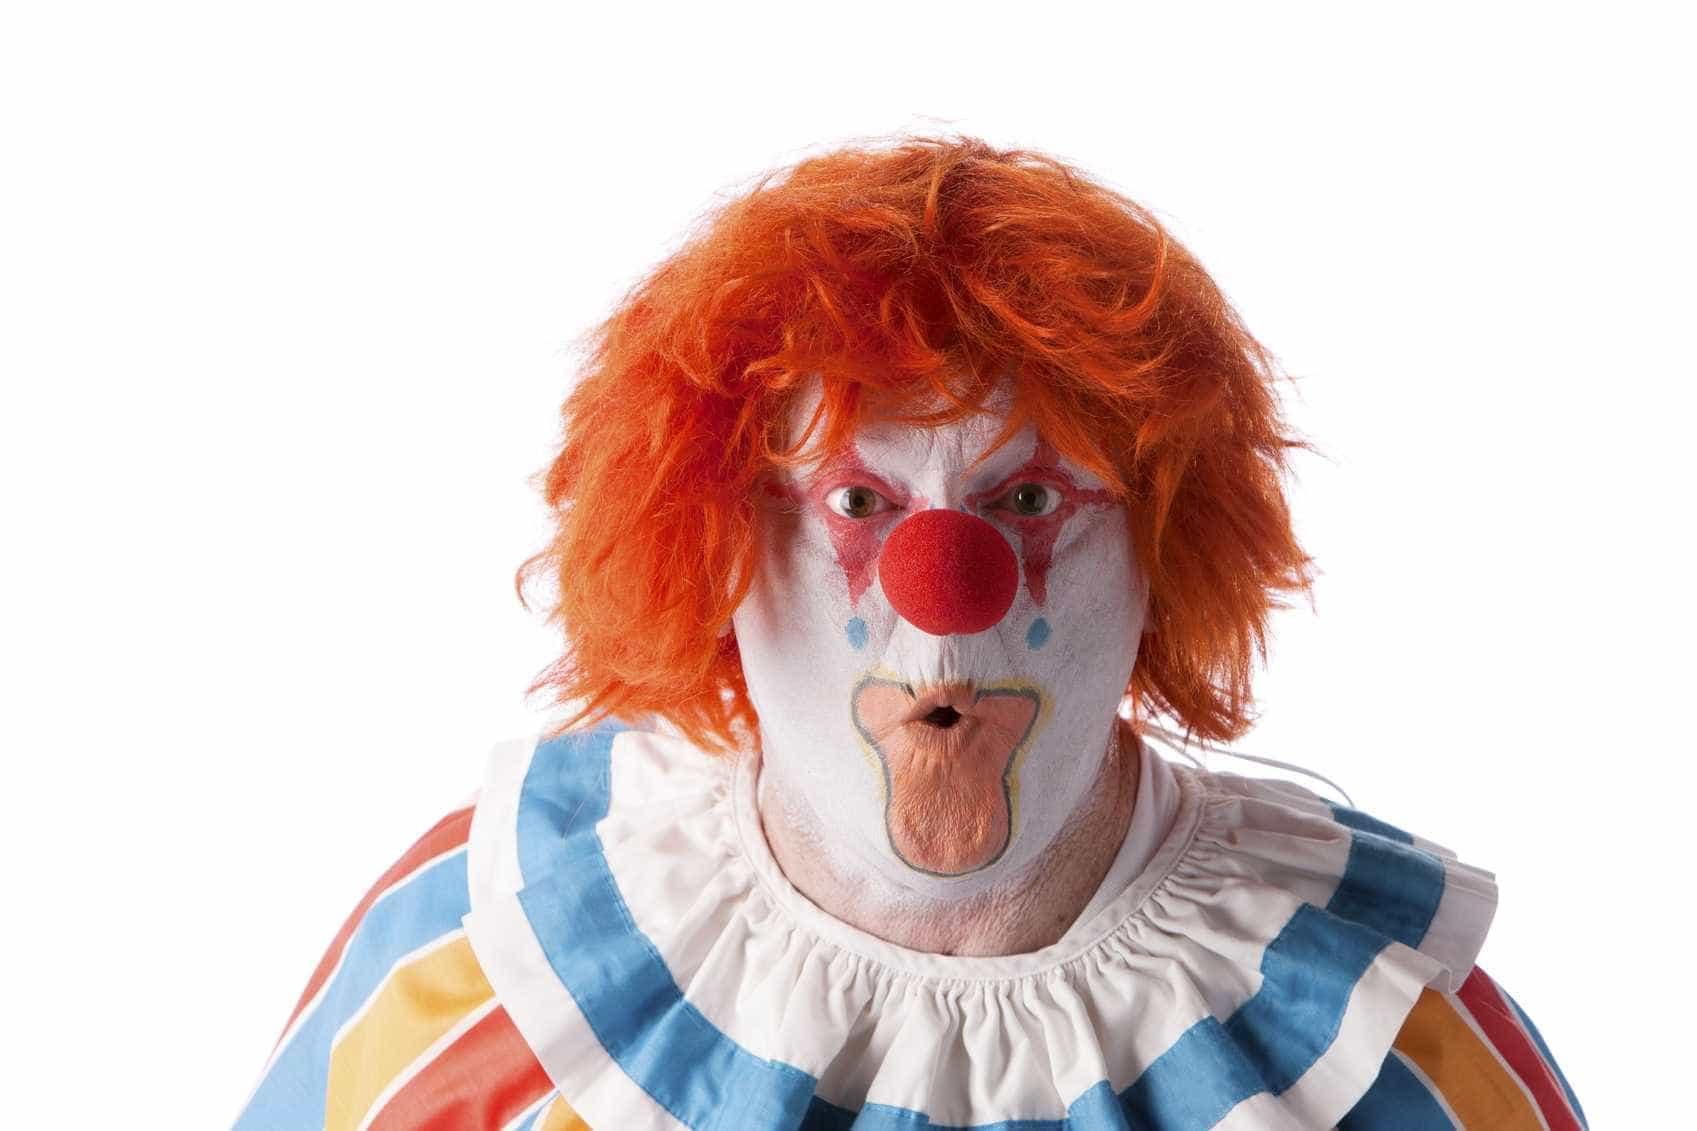 Festival de Circo do Furadouro com 16 espetáculos gratuitos em dois dias